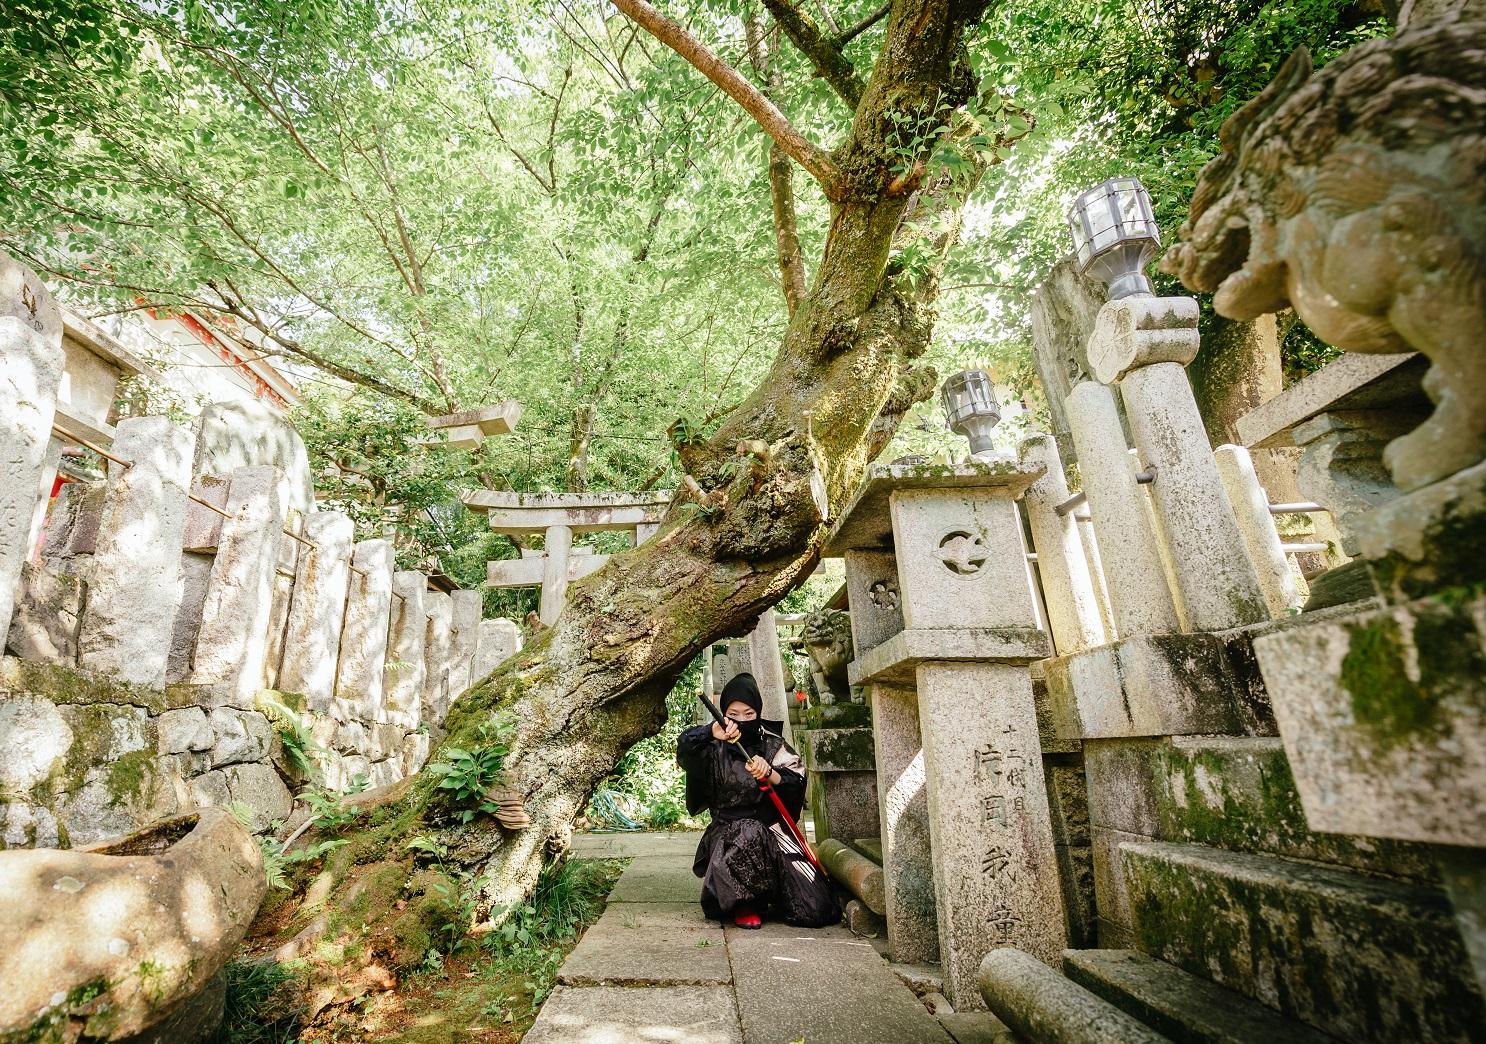 京都・伏見稲荷で忍者になりきって任務を遂行できるアクティビティが面白い